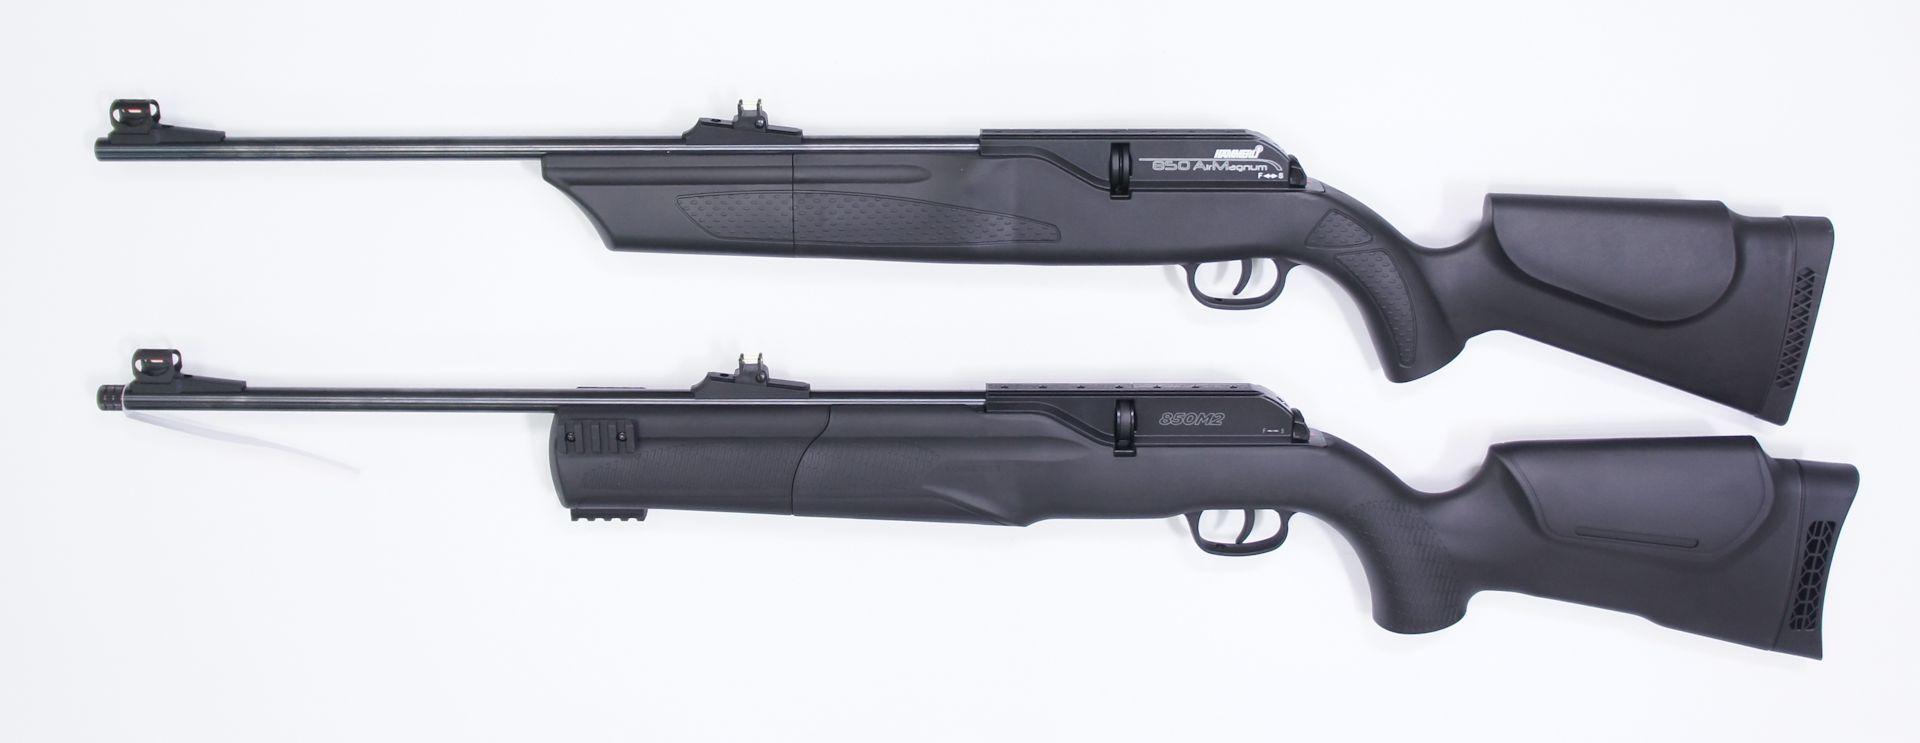 Dieses Bild zeigt den Vergleich von Modell 850 Airmagnum (oben) und dem 850 M2 (unten.